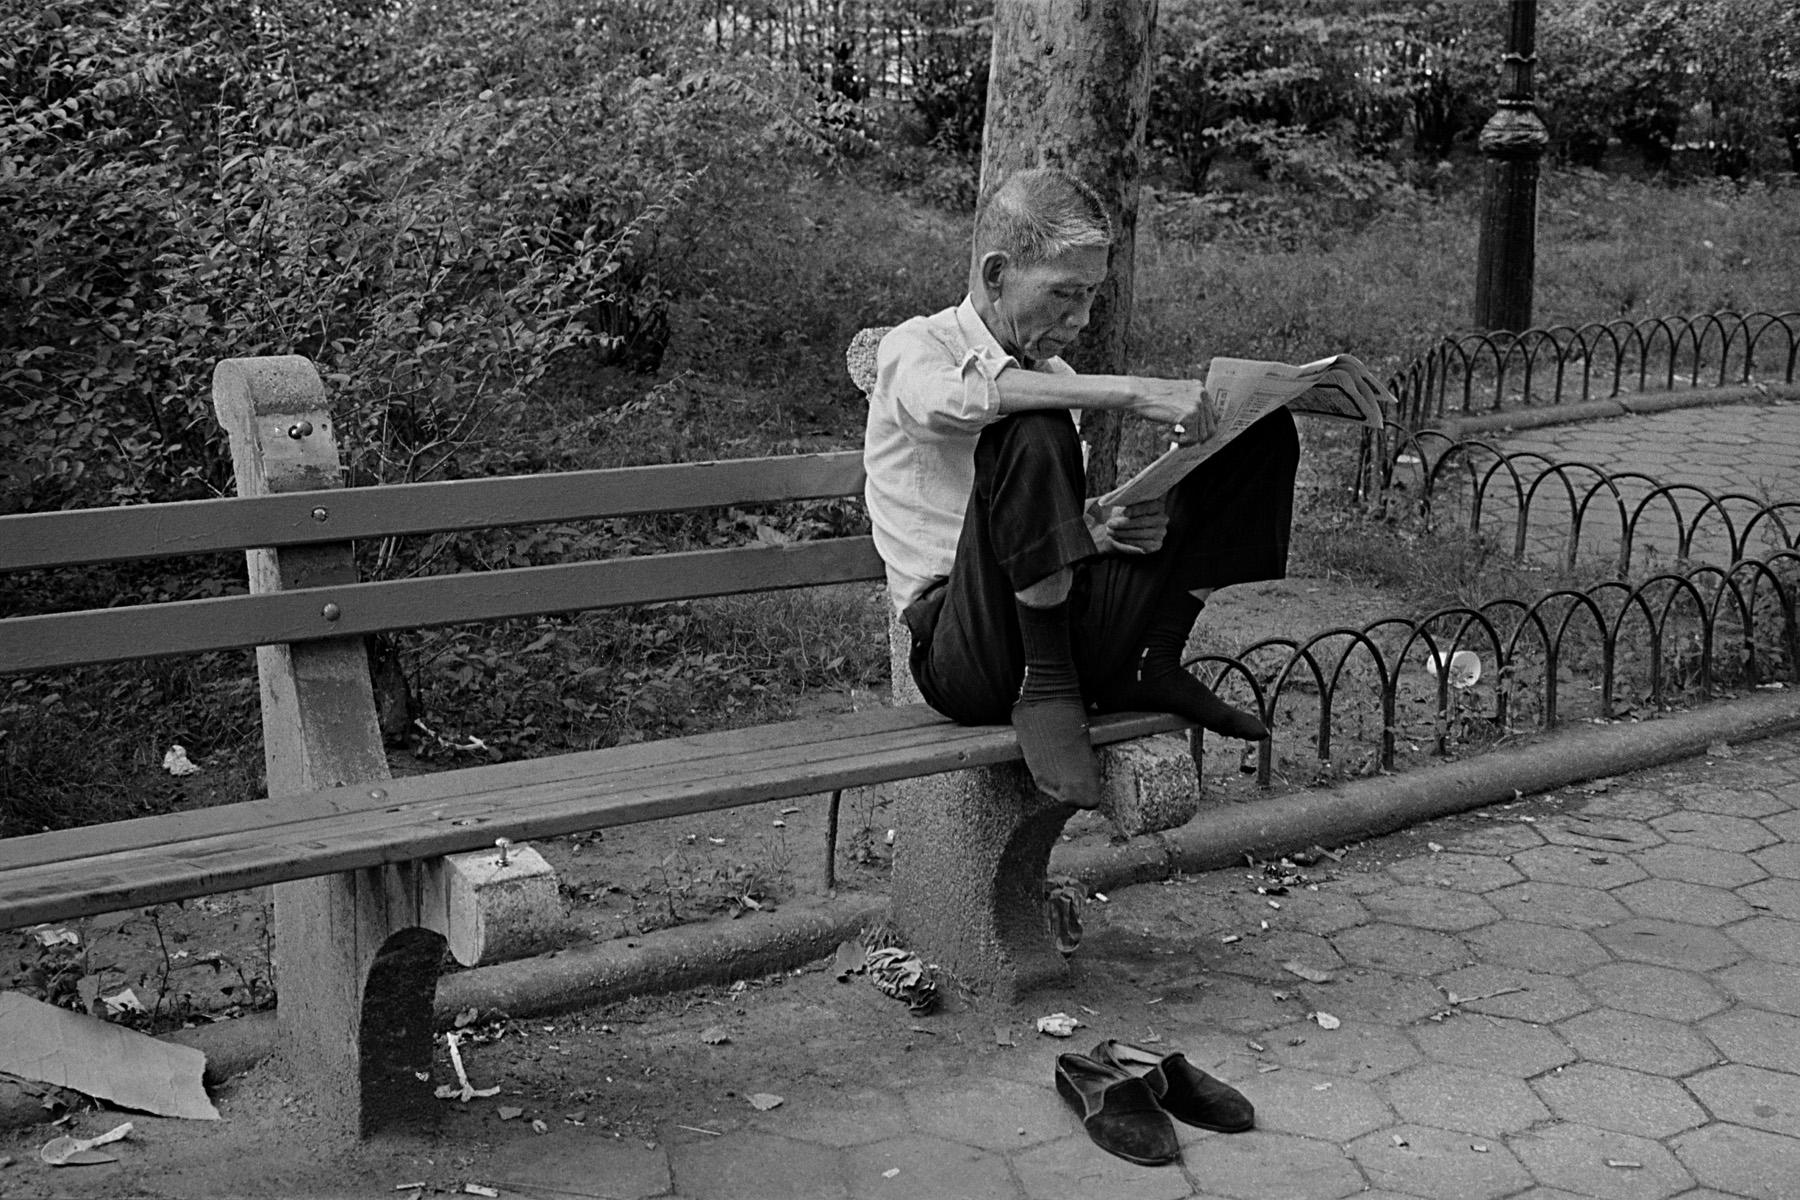 Columbus Park, New York Chinatown, 1982